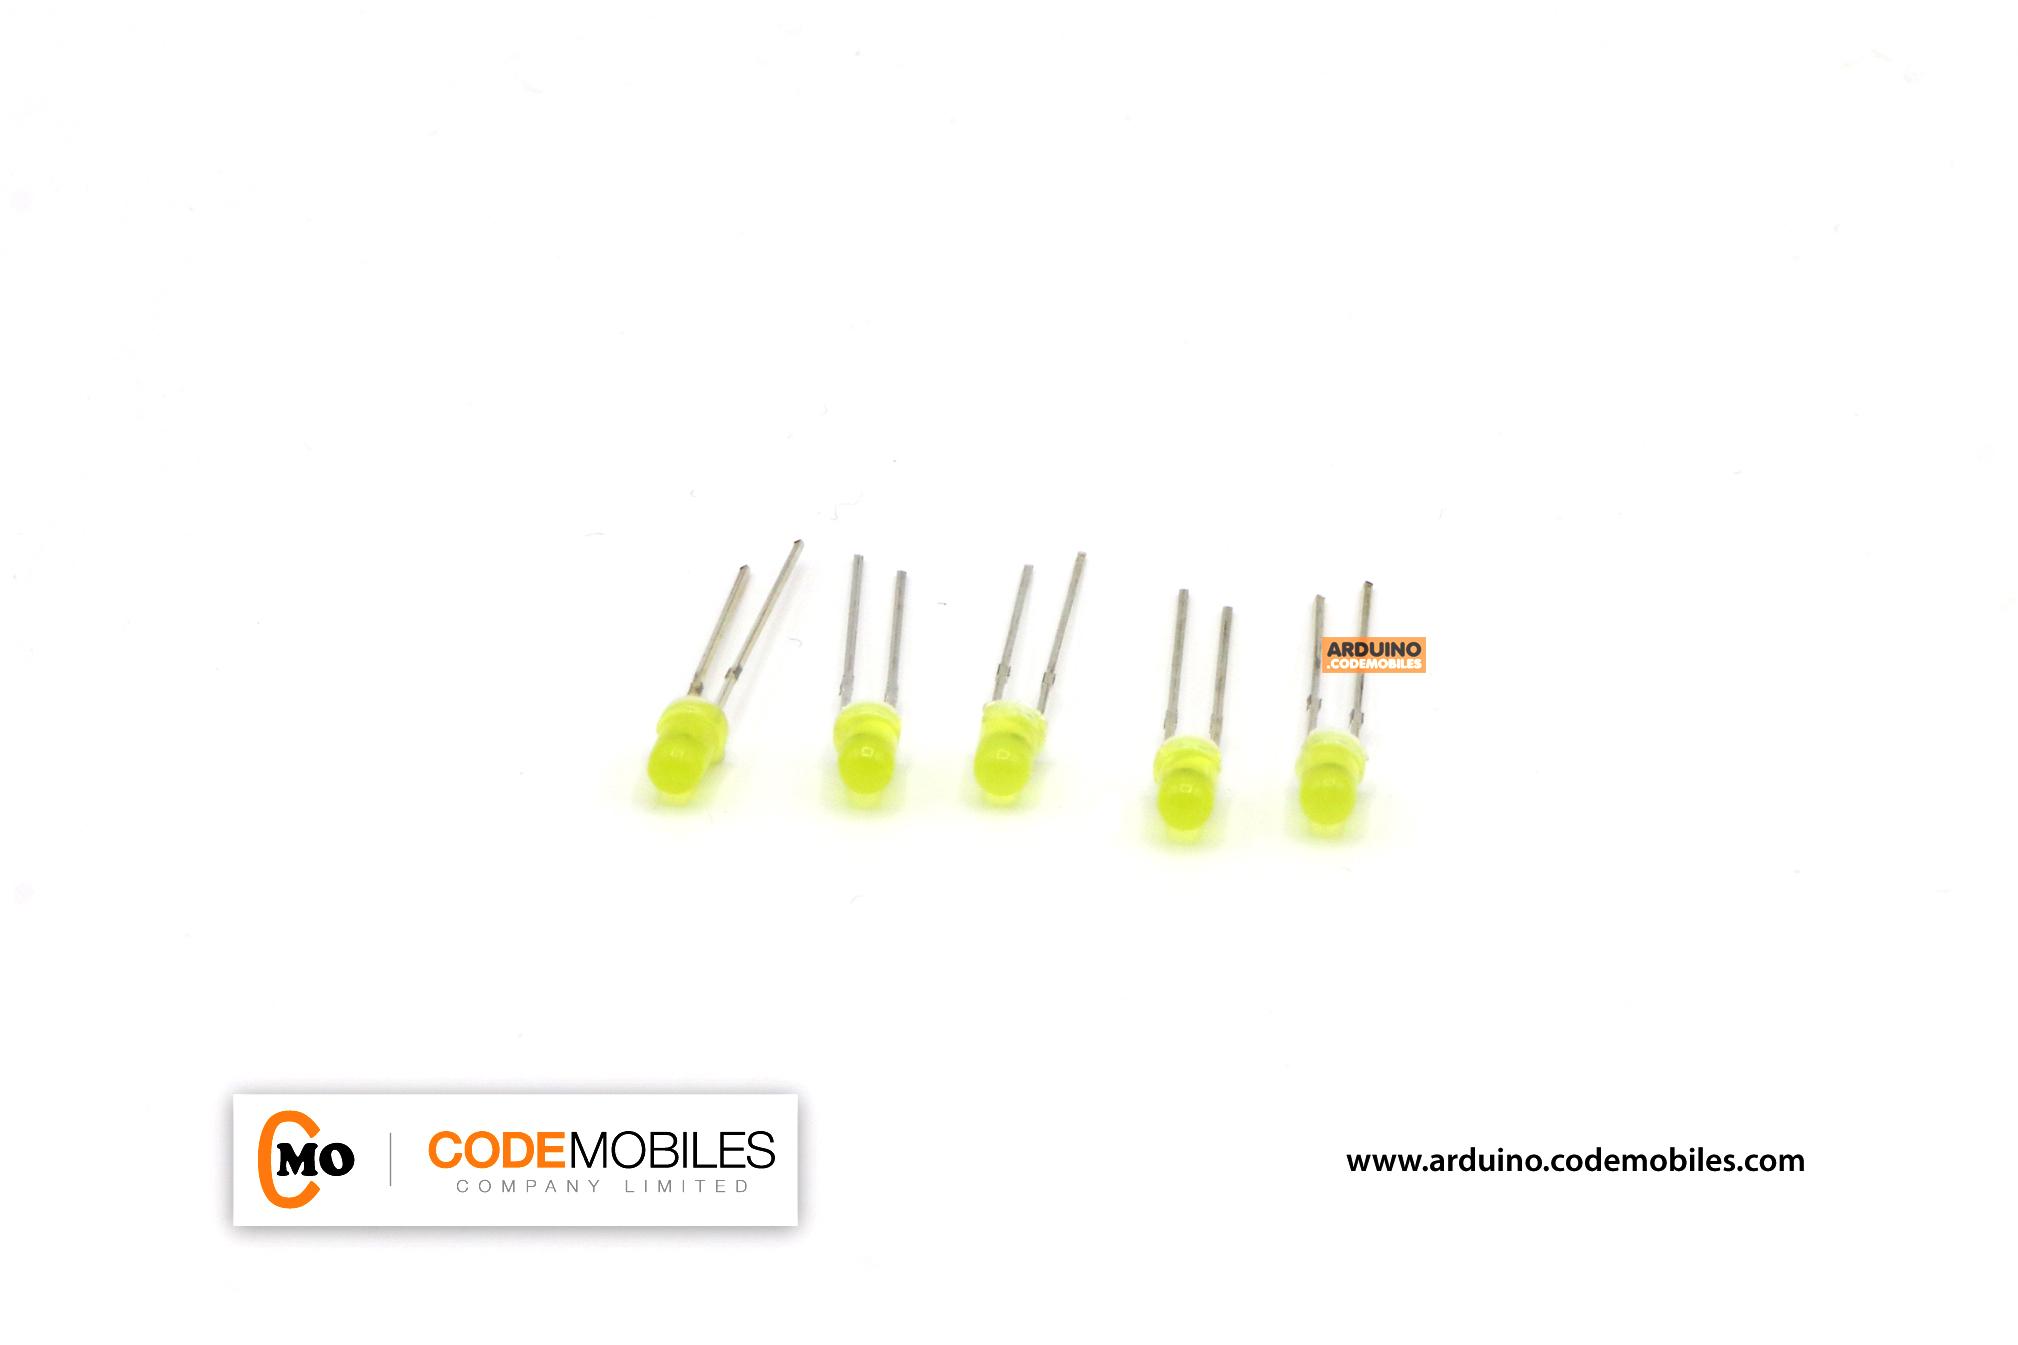 LED 3mm สีเหลือง จำนวน 5 ชิ้น